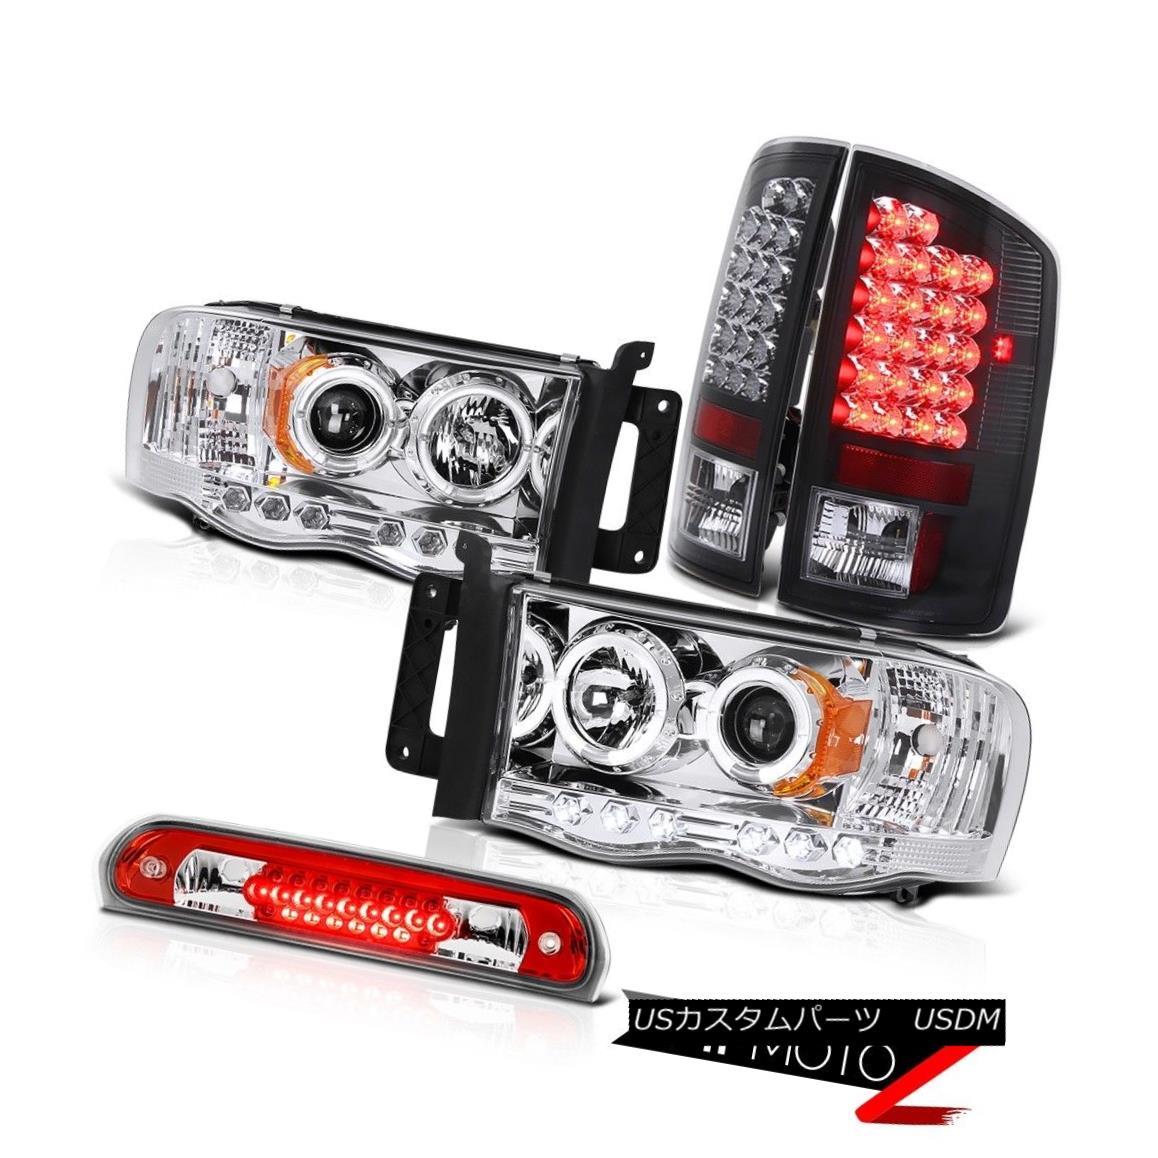 ヘッドライト Front LED DRL Headlamps Black Tail Lights Roof Brake Cargo 02 03 04 05 Ram SLT フロントLED DRLヘッドランプブラックテールライトルーフブレーキカーゴ02 03 04 05ラムSLT